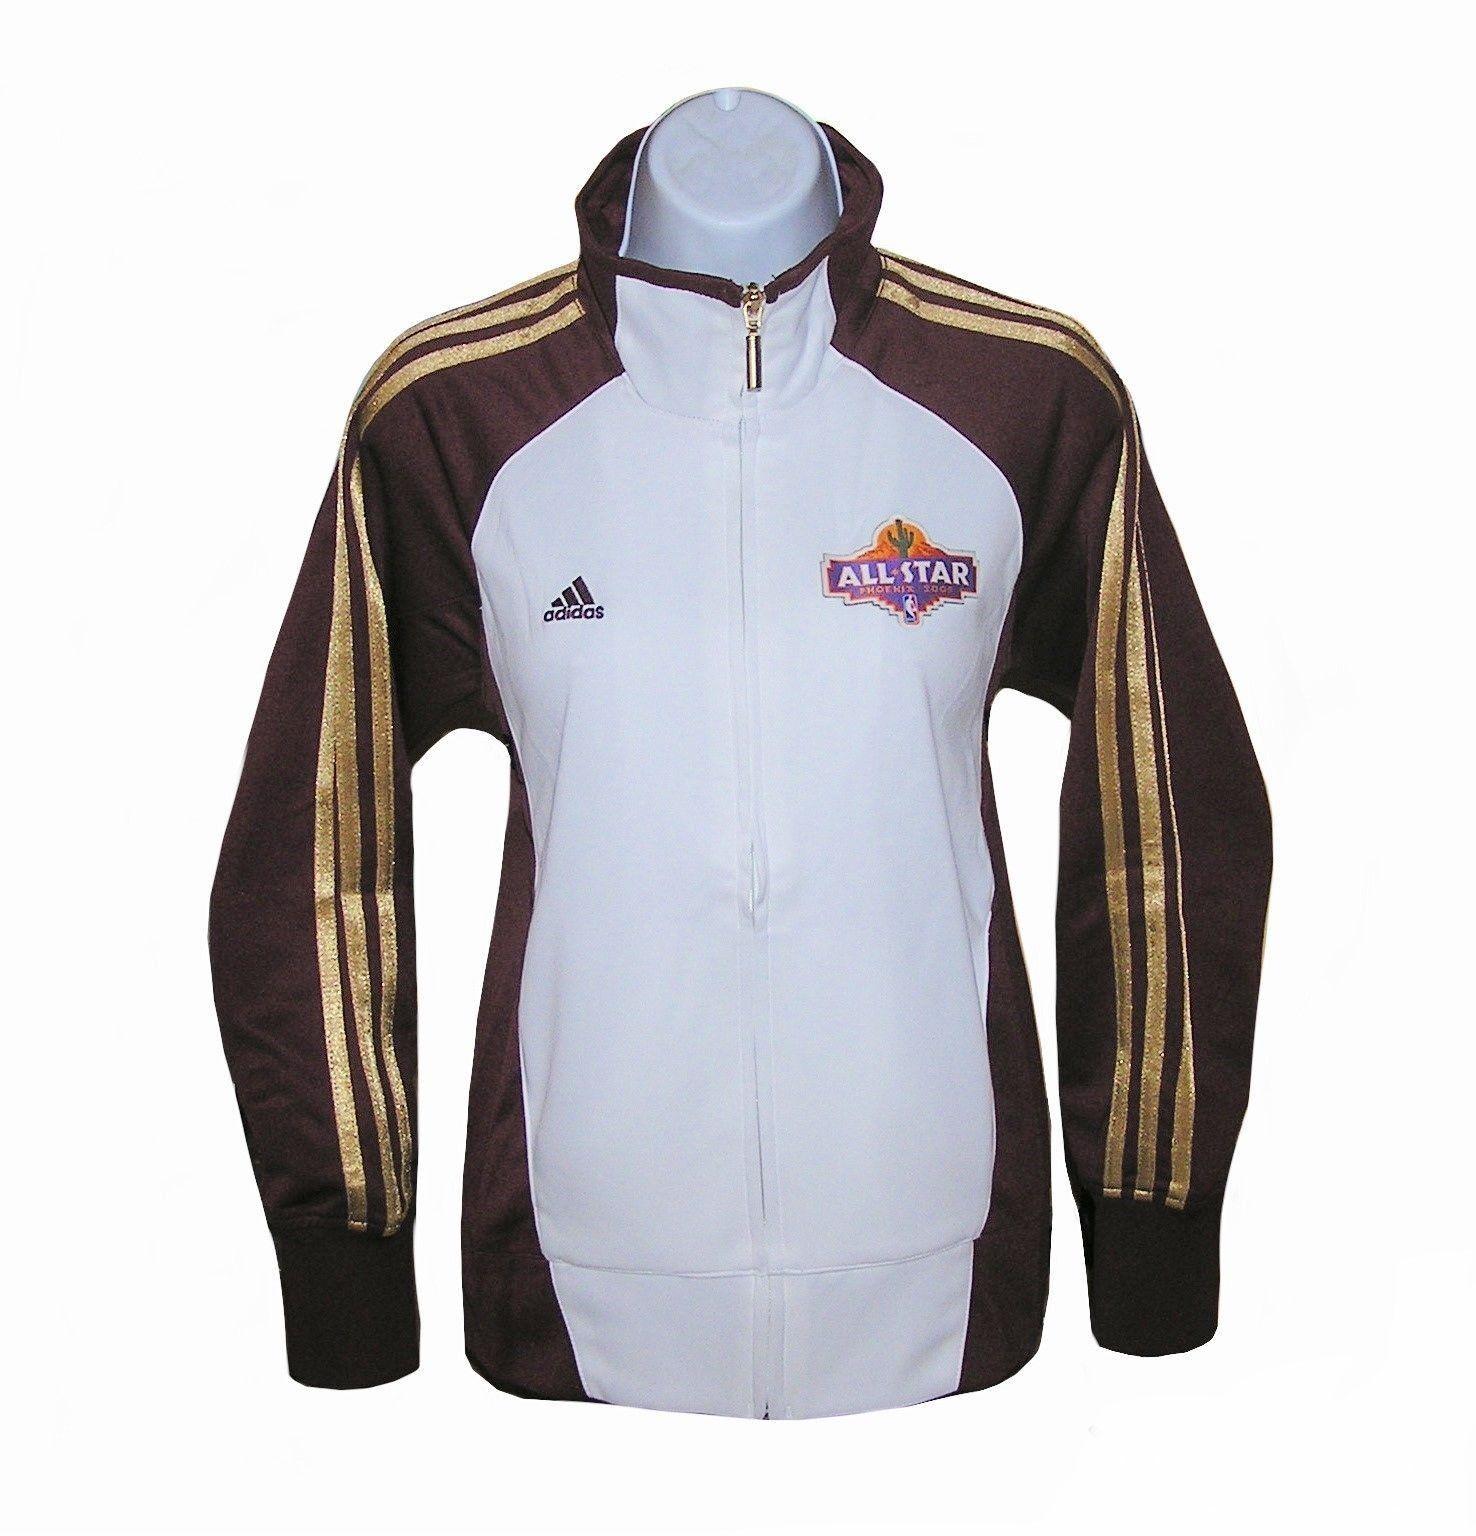 Nba Womens Apparel- Chaqueta deportiva 2009 All-Star Adidas Nba Western, nwt